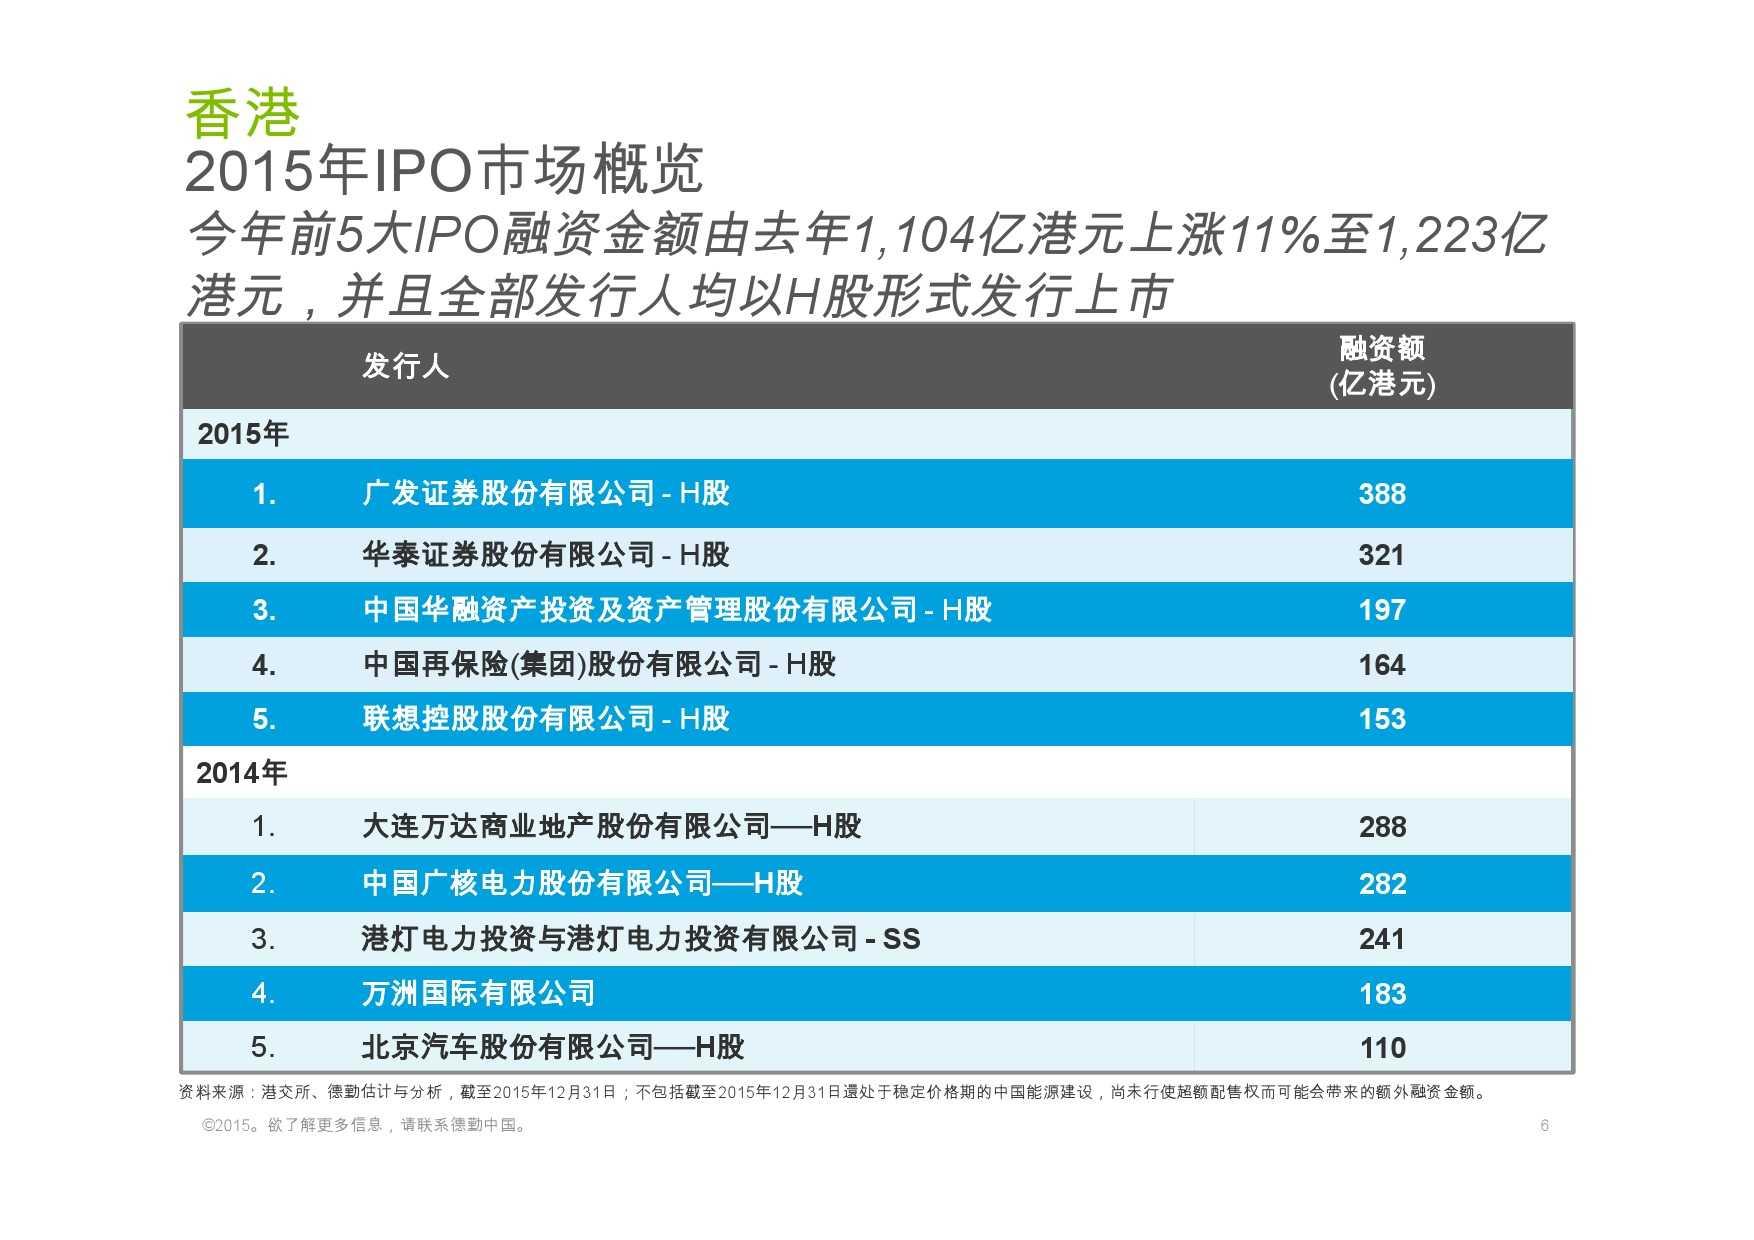 德勤:香港及中国大陆IPO巿场2015年回顾与2016年展望_000006